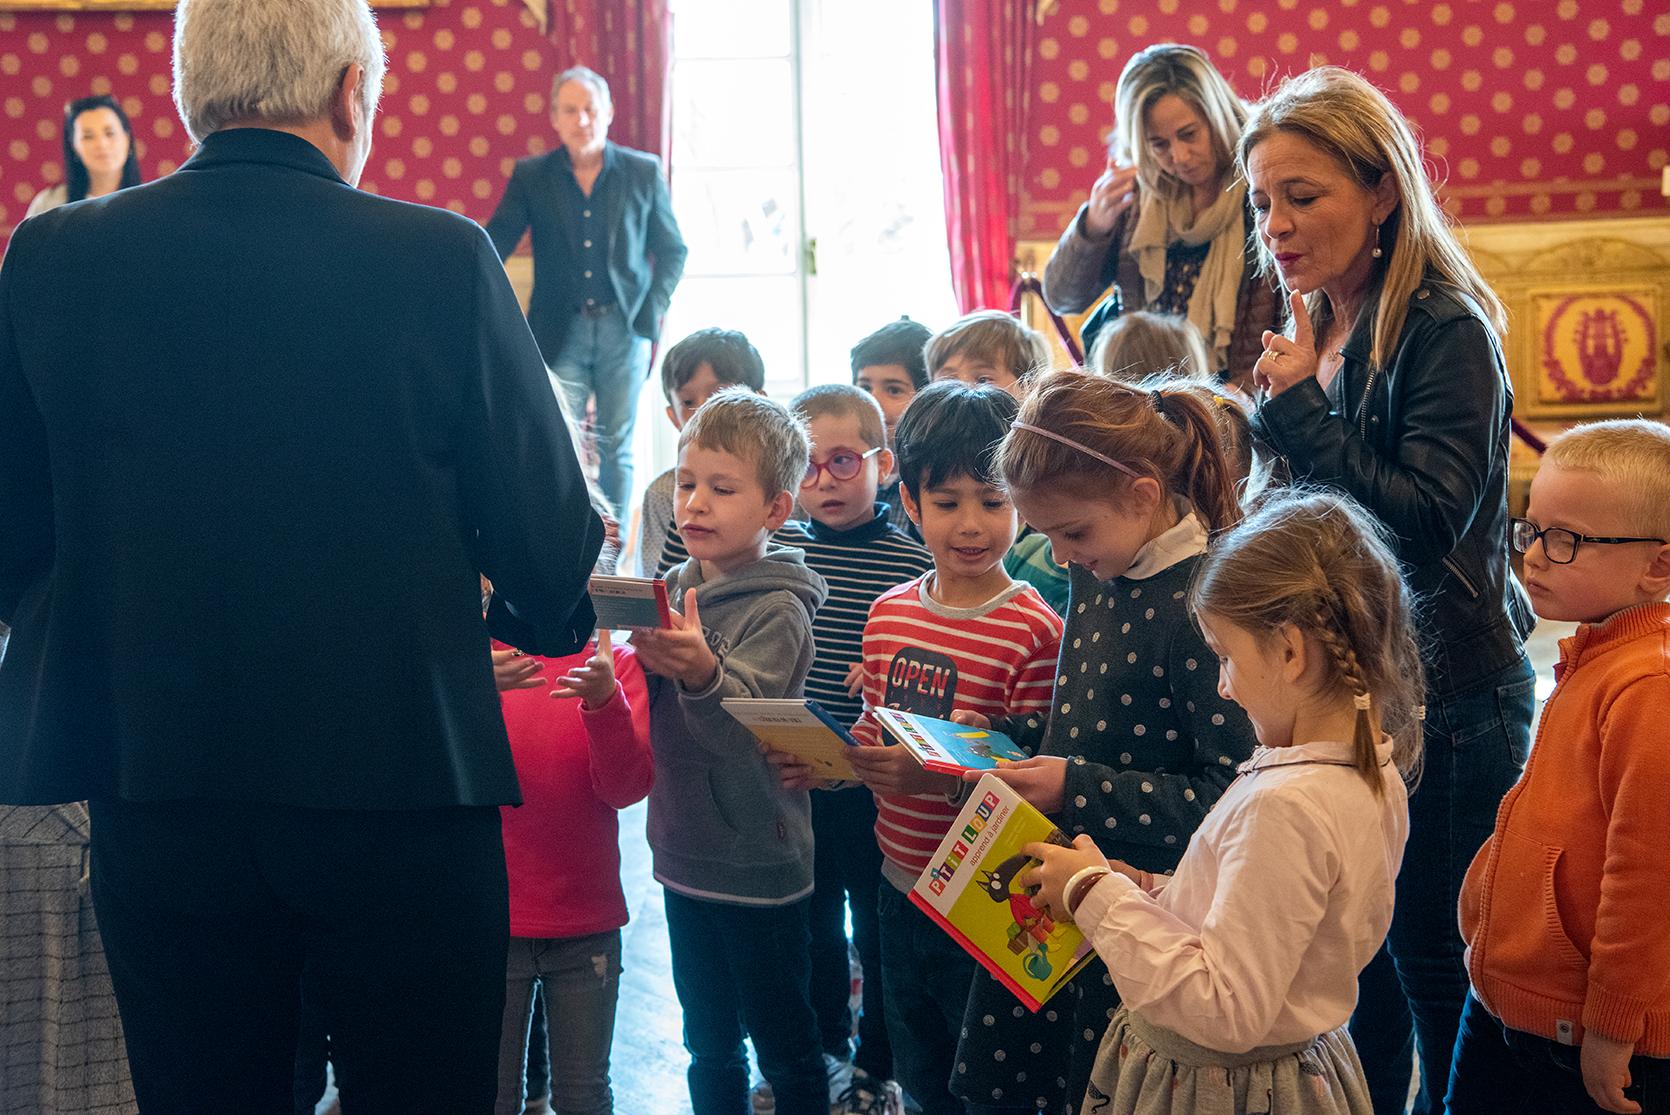 Visite du salon Napoléonien par la grande section maternelle de l'école Notre-Dame de l'Assomption